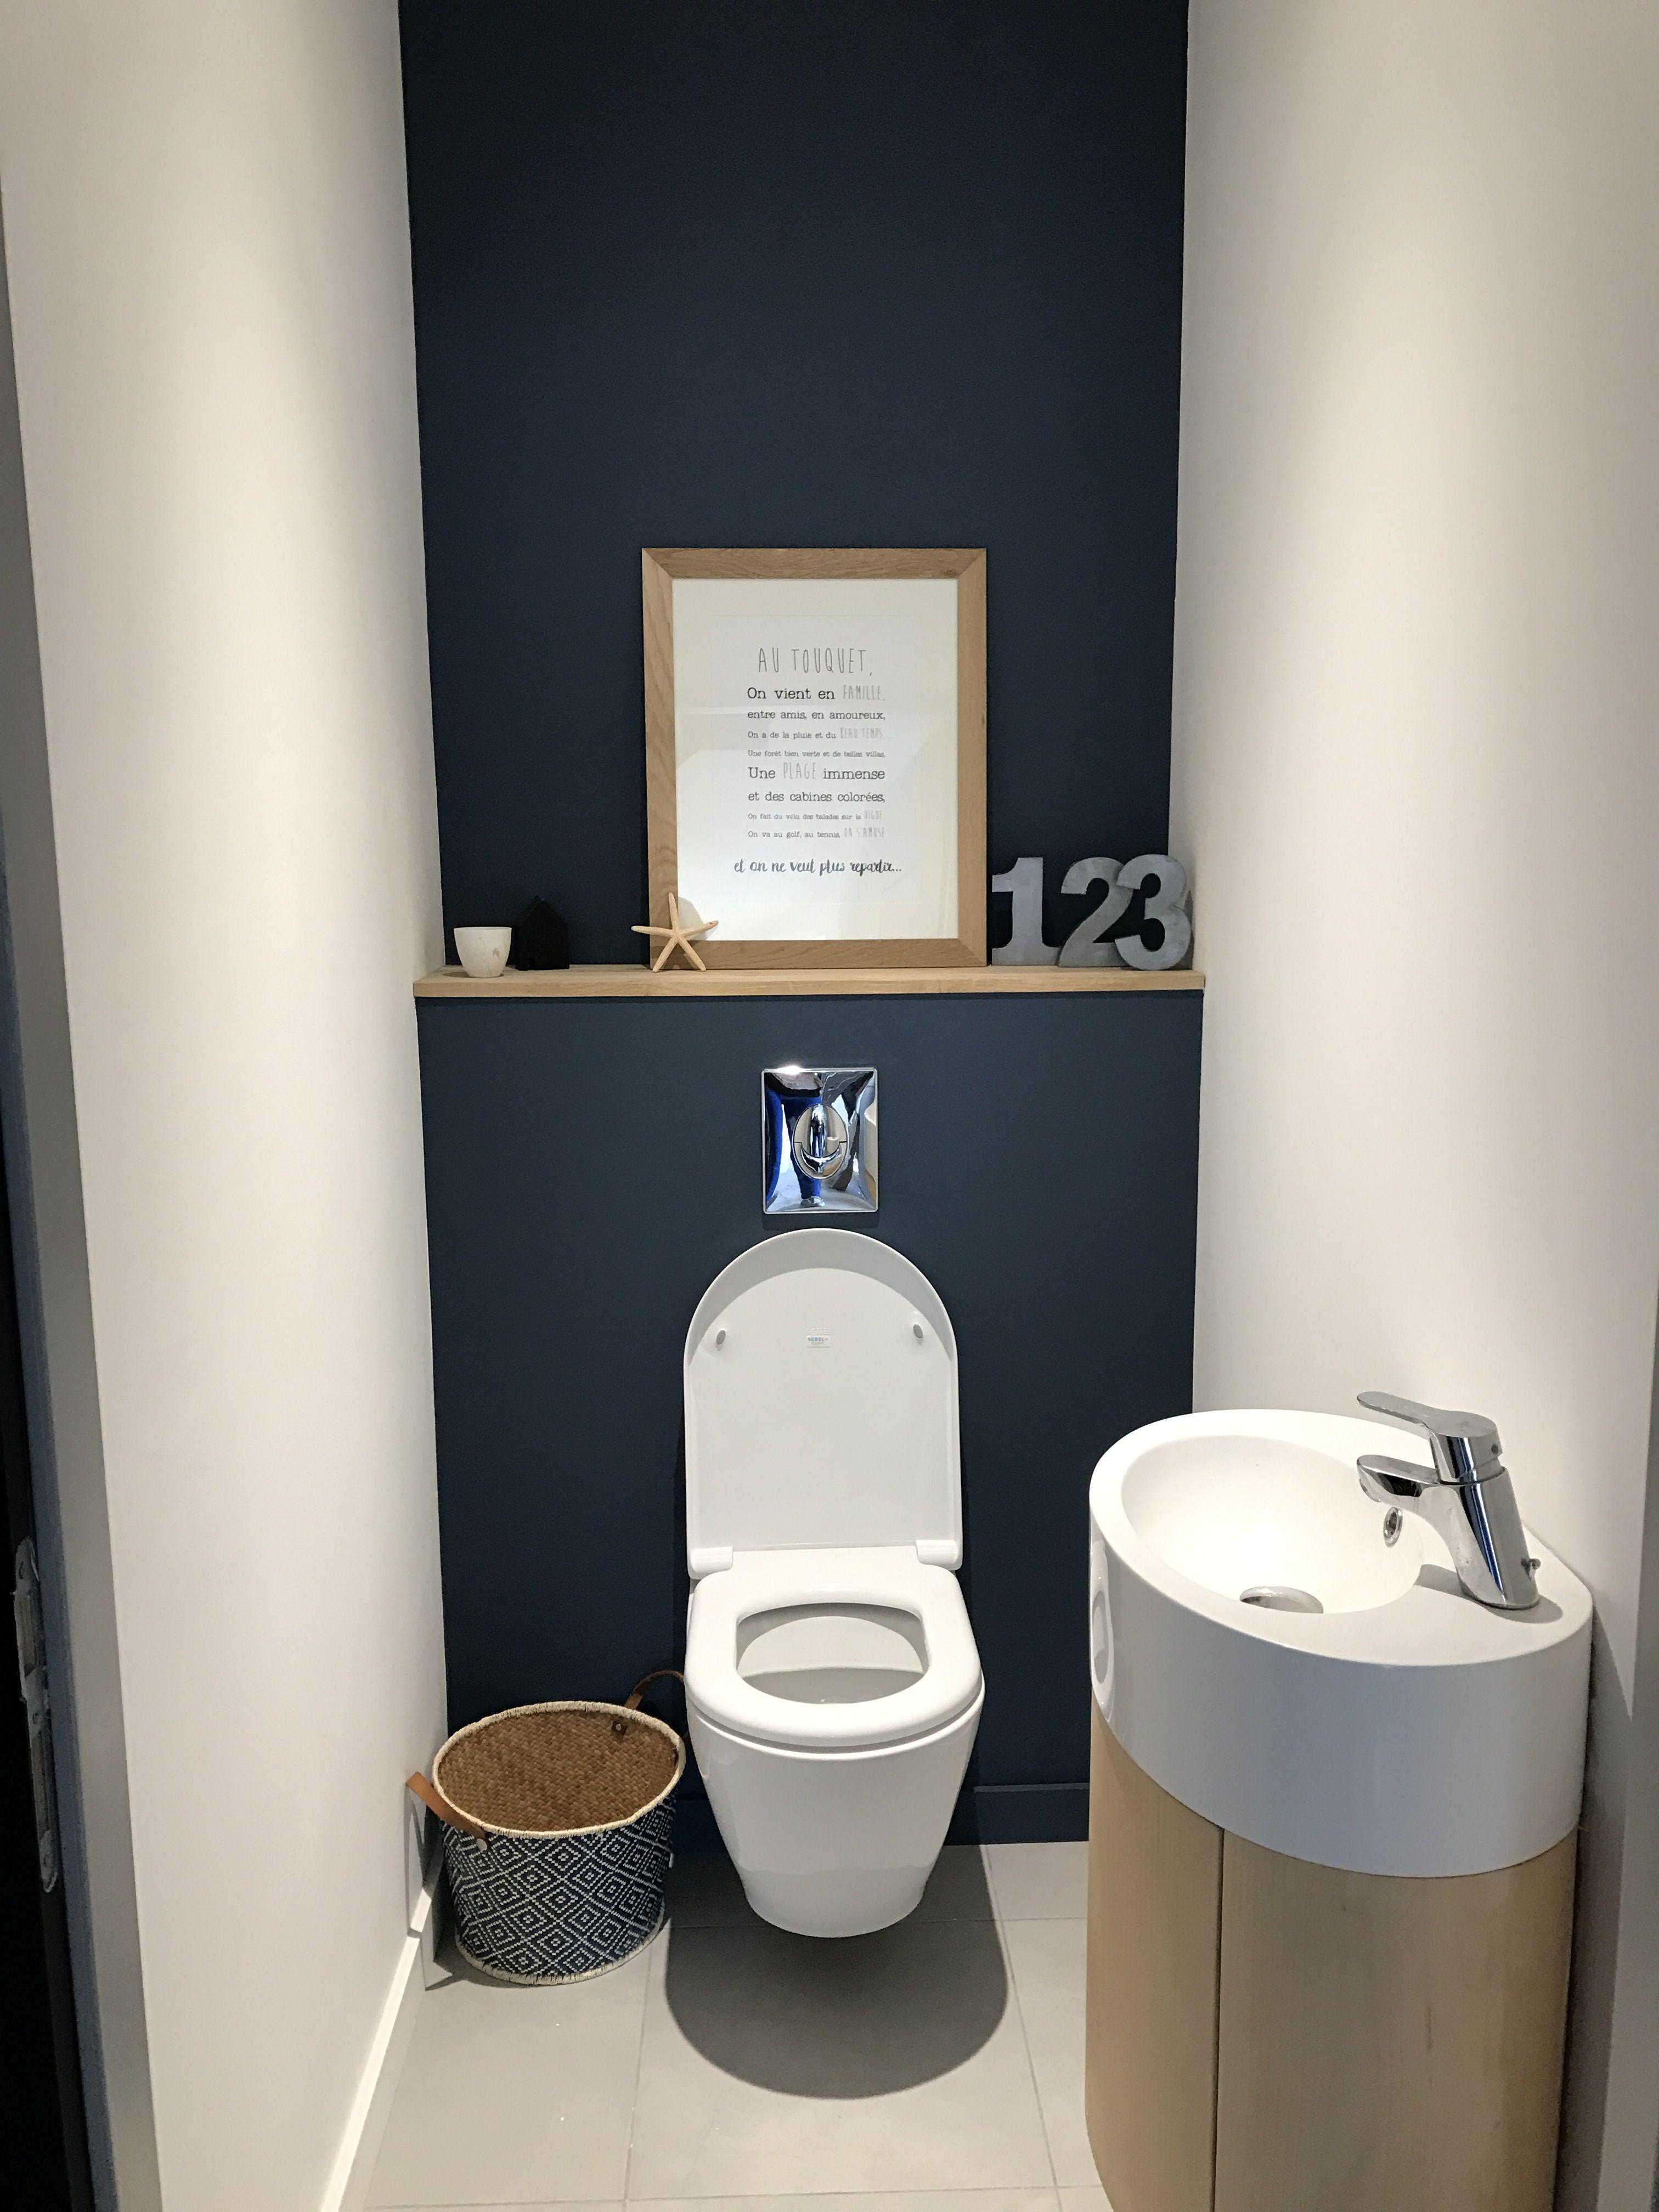 Comment Decorer Les Wc décoration toilettes - photo libre de droit de toilettes de